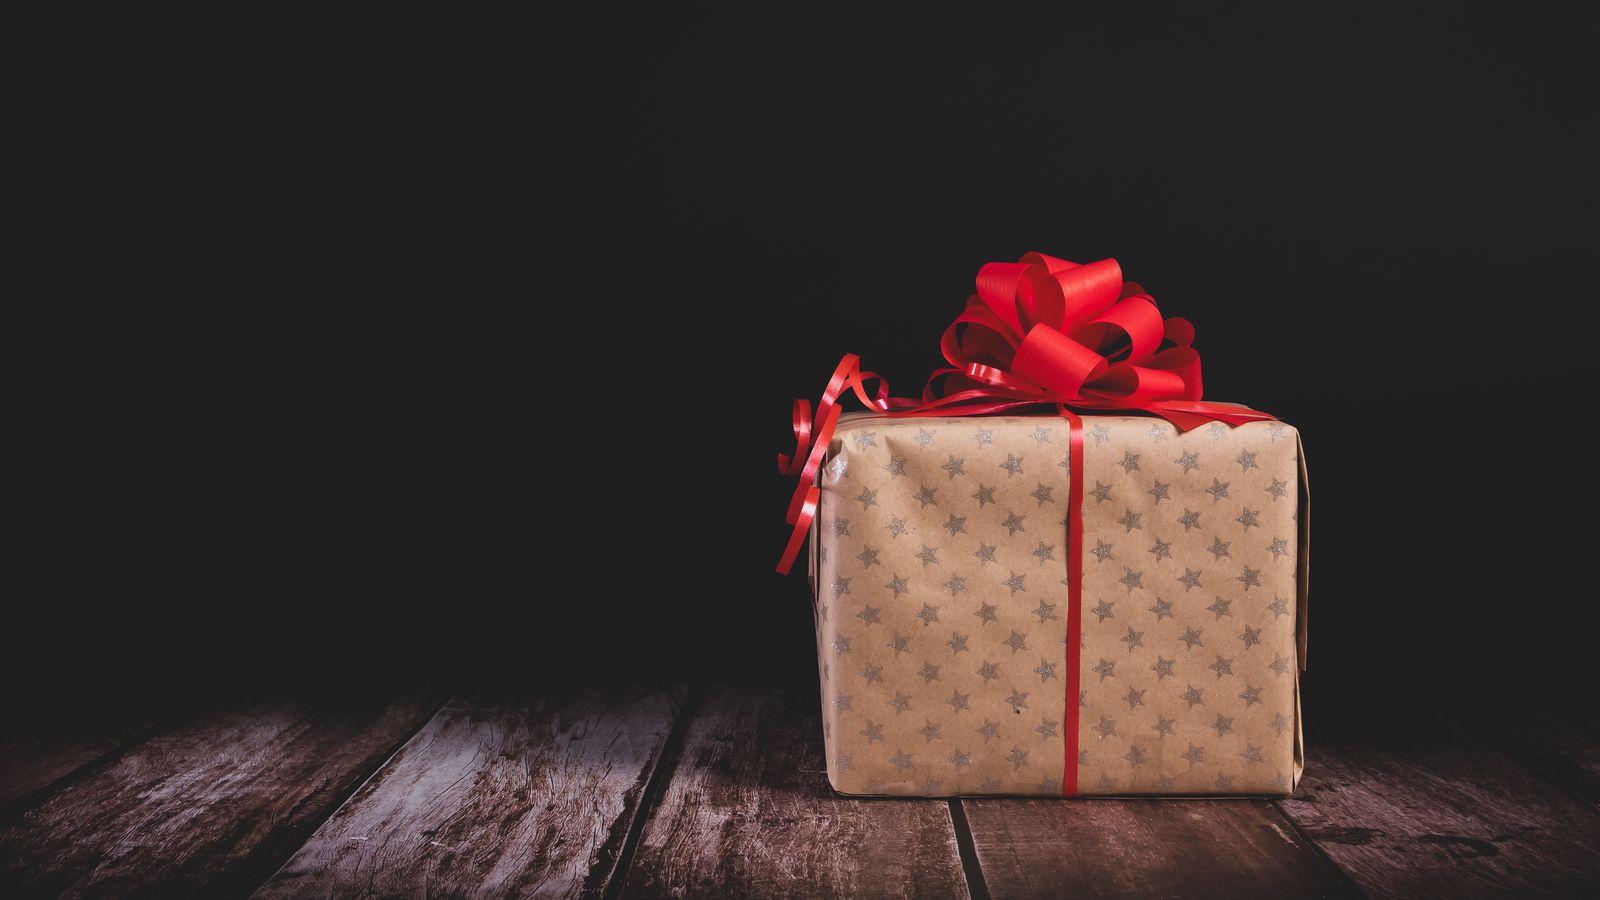 1600x900 Wallpaper gift, box, bow, holiday